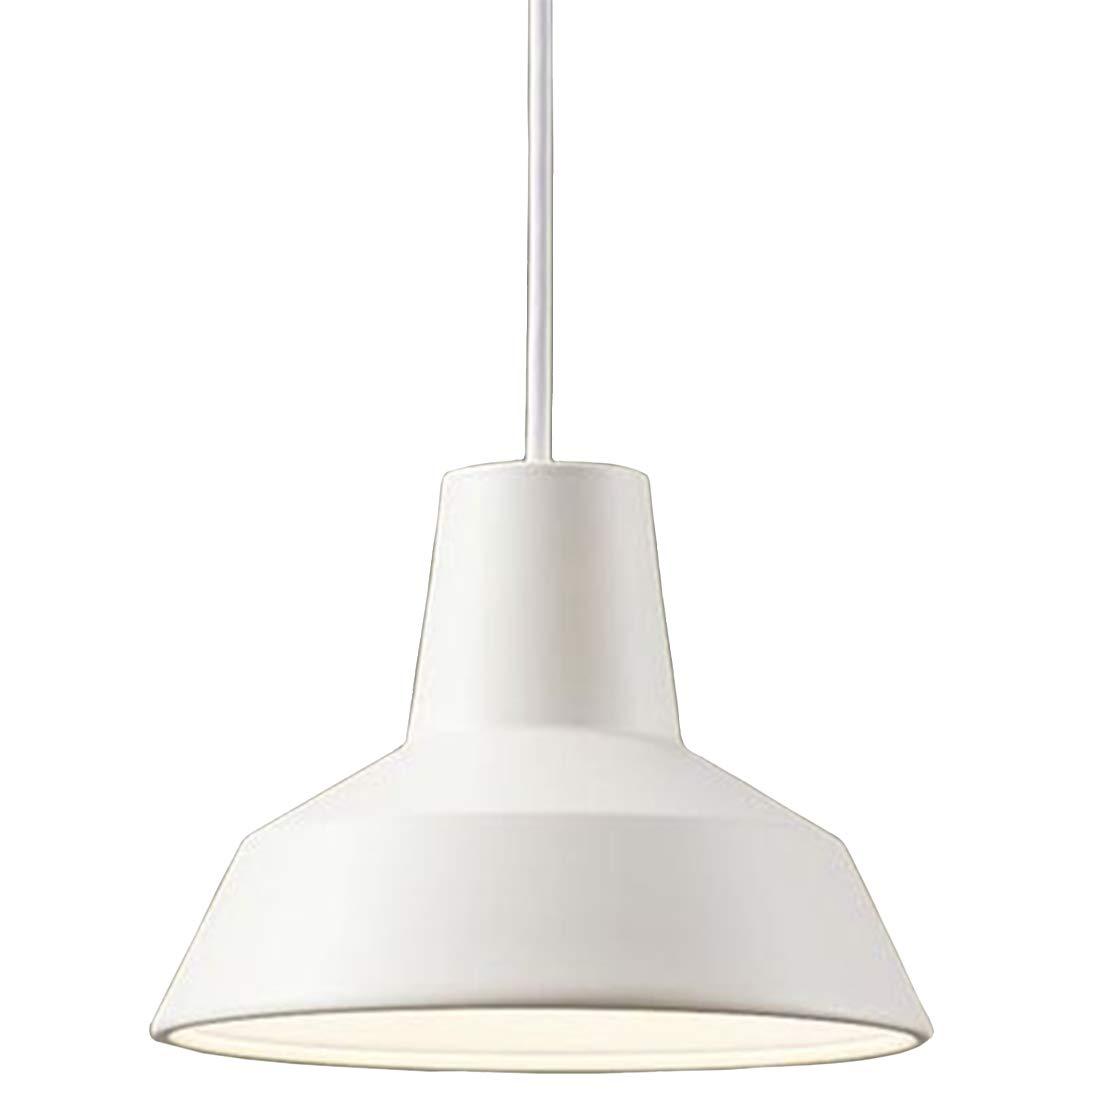 パナソニック 小型ペンダントライト LGB15021WF 直付 ホワイト 白紐 奥行20×高さ20×幅14.5cm B07DC1S1LF